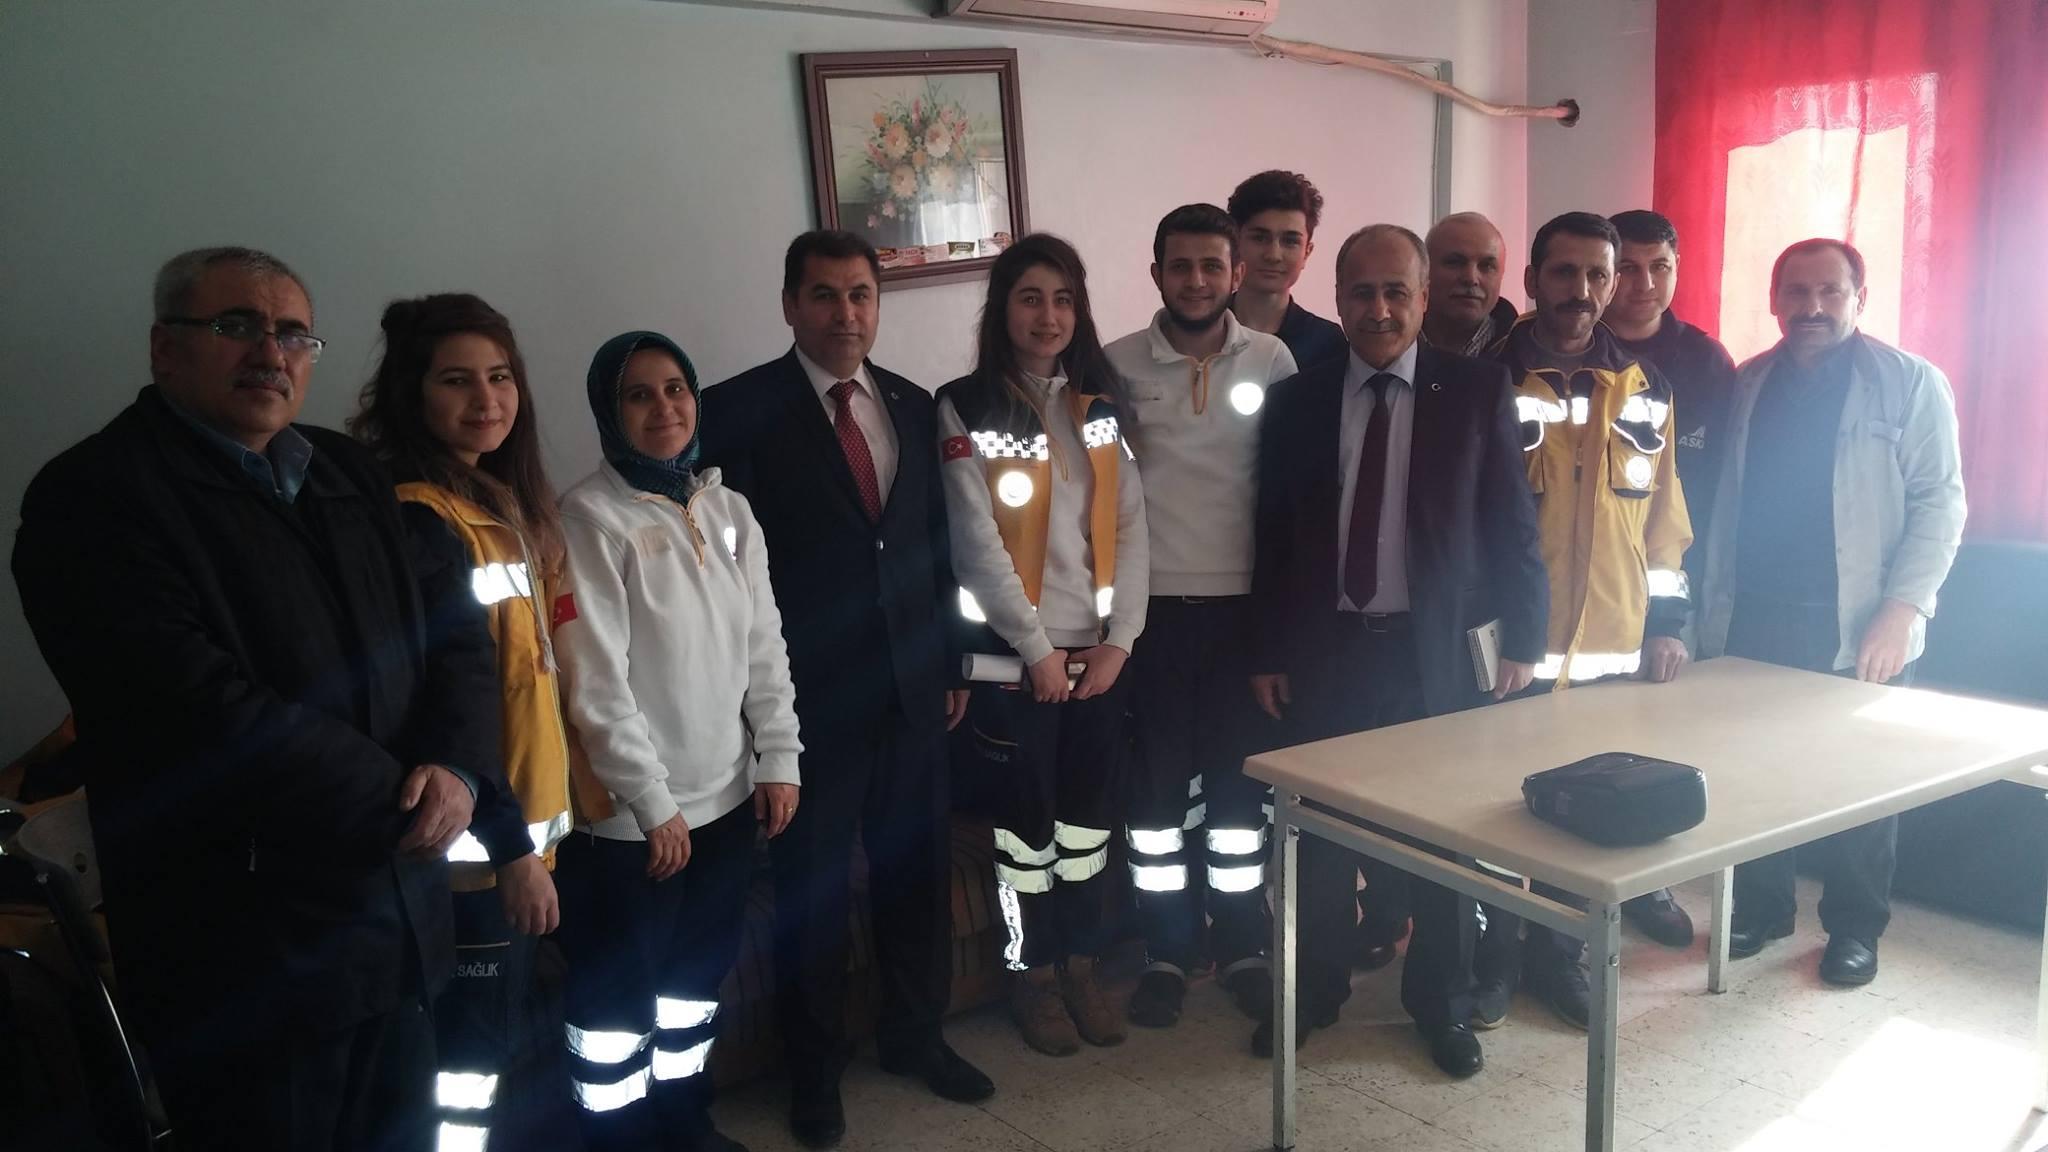 Gaziantep Şubesi olarak; Şube Başkanı Kemal KAZAK, Başkan Yardımcıları Gazi SÖKMEN, Mehmet Zabit YILDIRIM ve Uğur ALTAY'dan oluşan heyetle Şahinbey Toplum Sağlığı Merkezi (TSM), Şahinbey İlçesine bağlı Aile Sağlığı Merkezleri (ASM) ve 112 Acil Sağlık Hizmetlerini Merkezlerini ziyaret ettik.